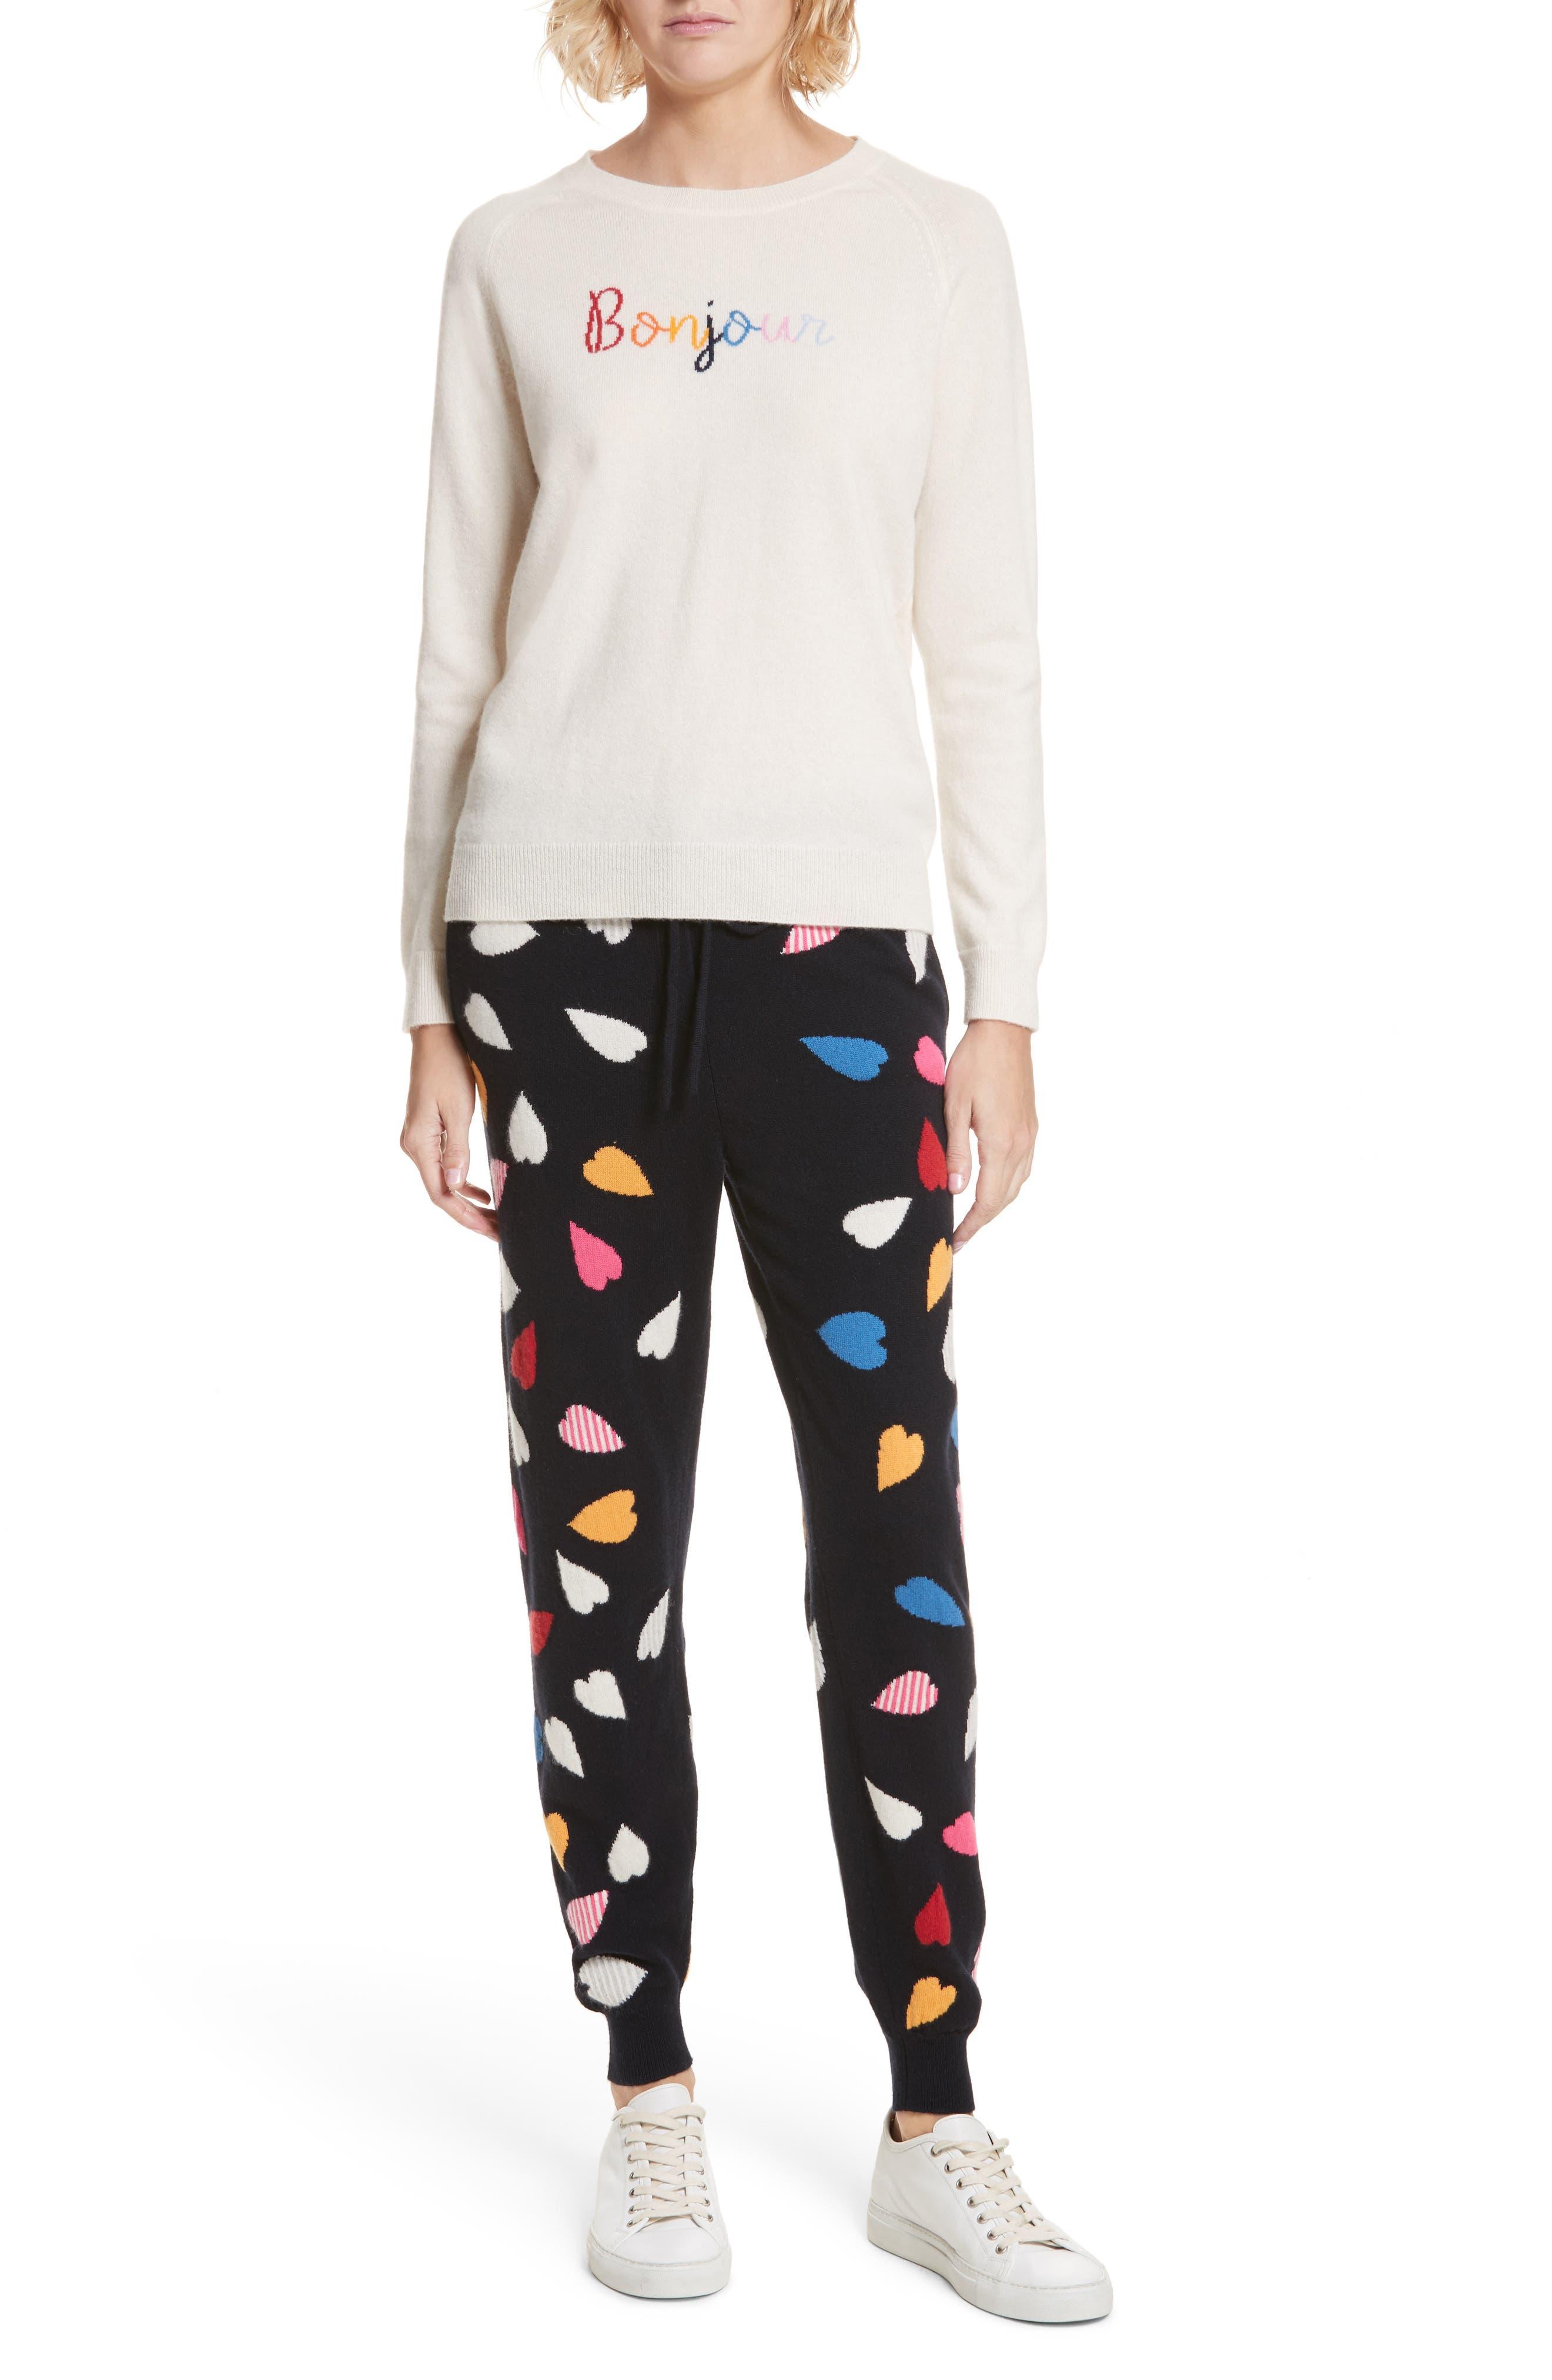 CHINTI & PARKER Bonjour/Bonsoir Cashmere Sweater,                             Alternate thumbnail 7, color,                             900